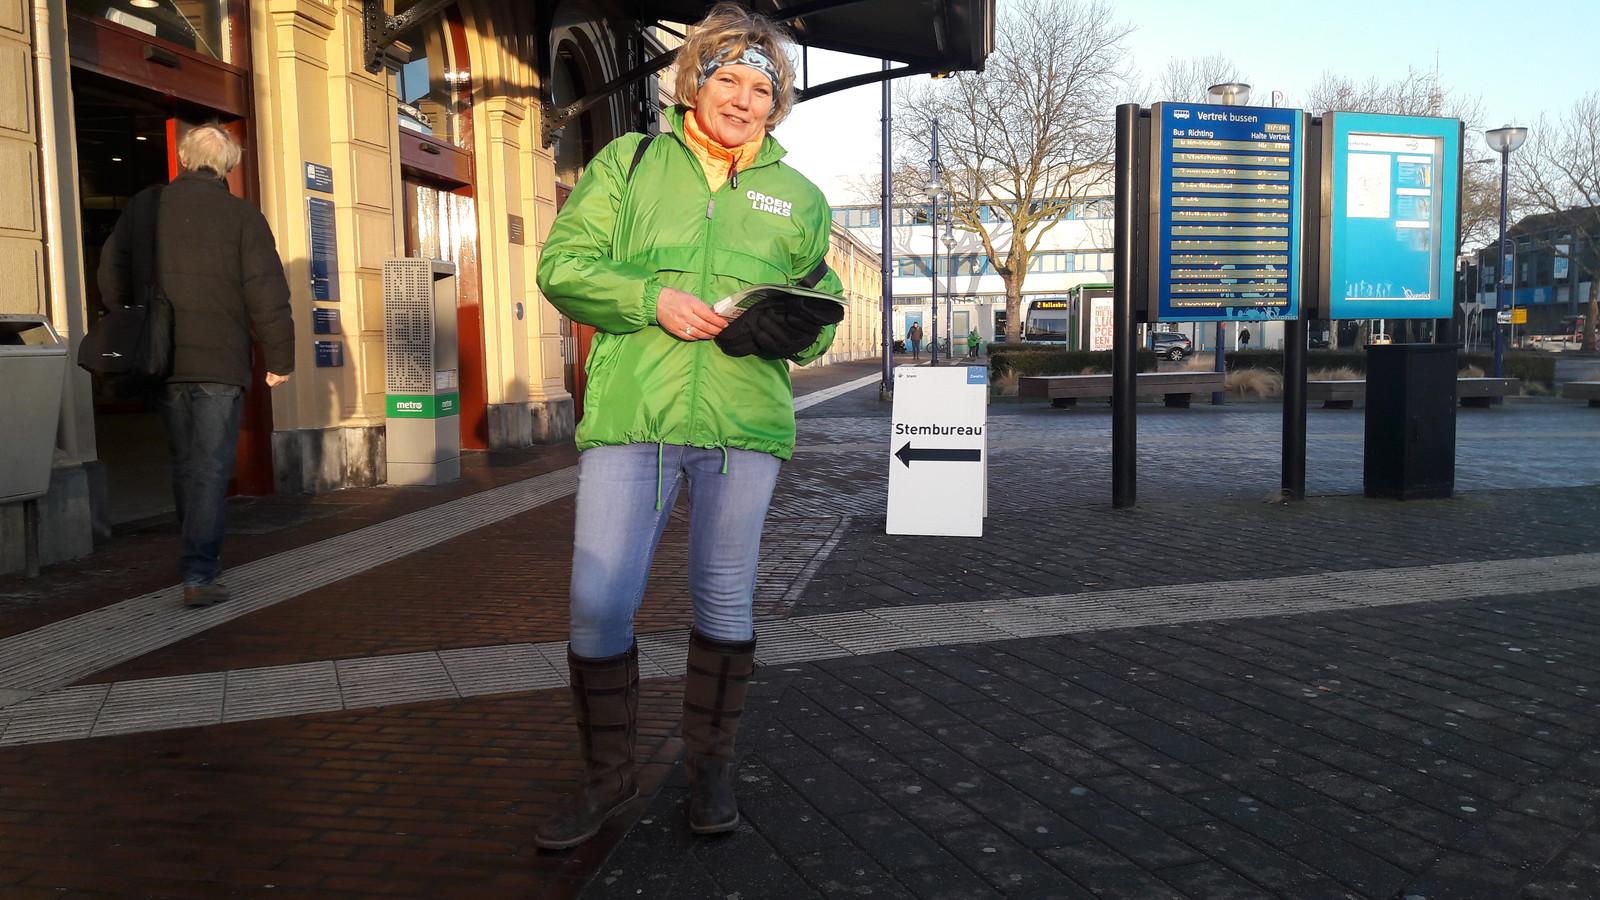 Monique Schuttenbeld bij de 'grens' op station Zwolle, waar ze nog nét folders mag uitdelen.